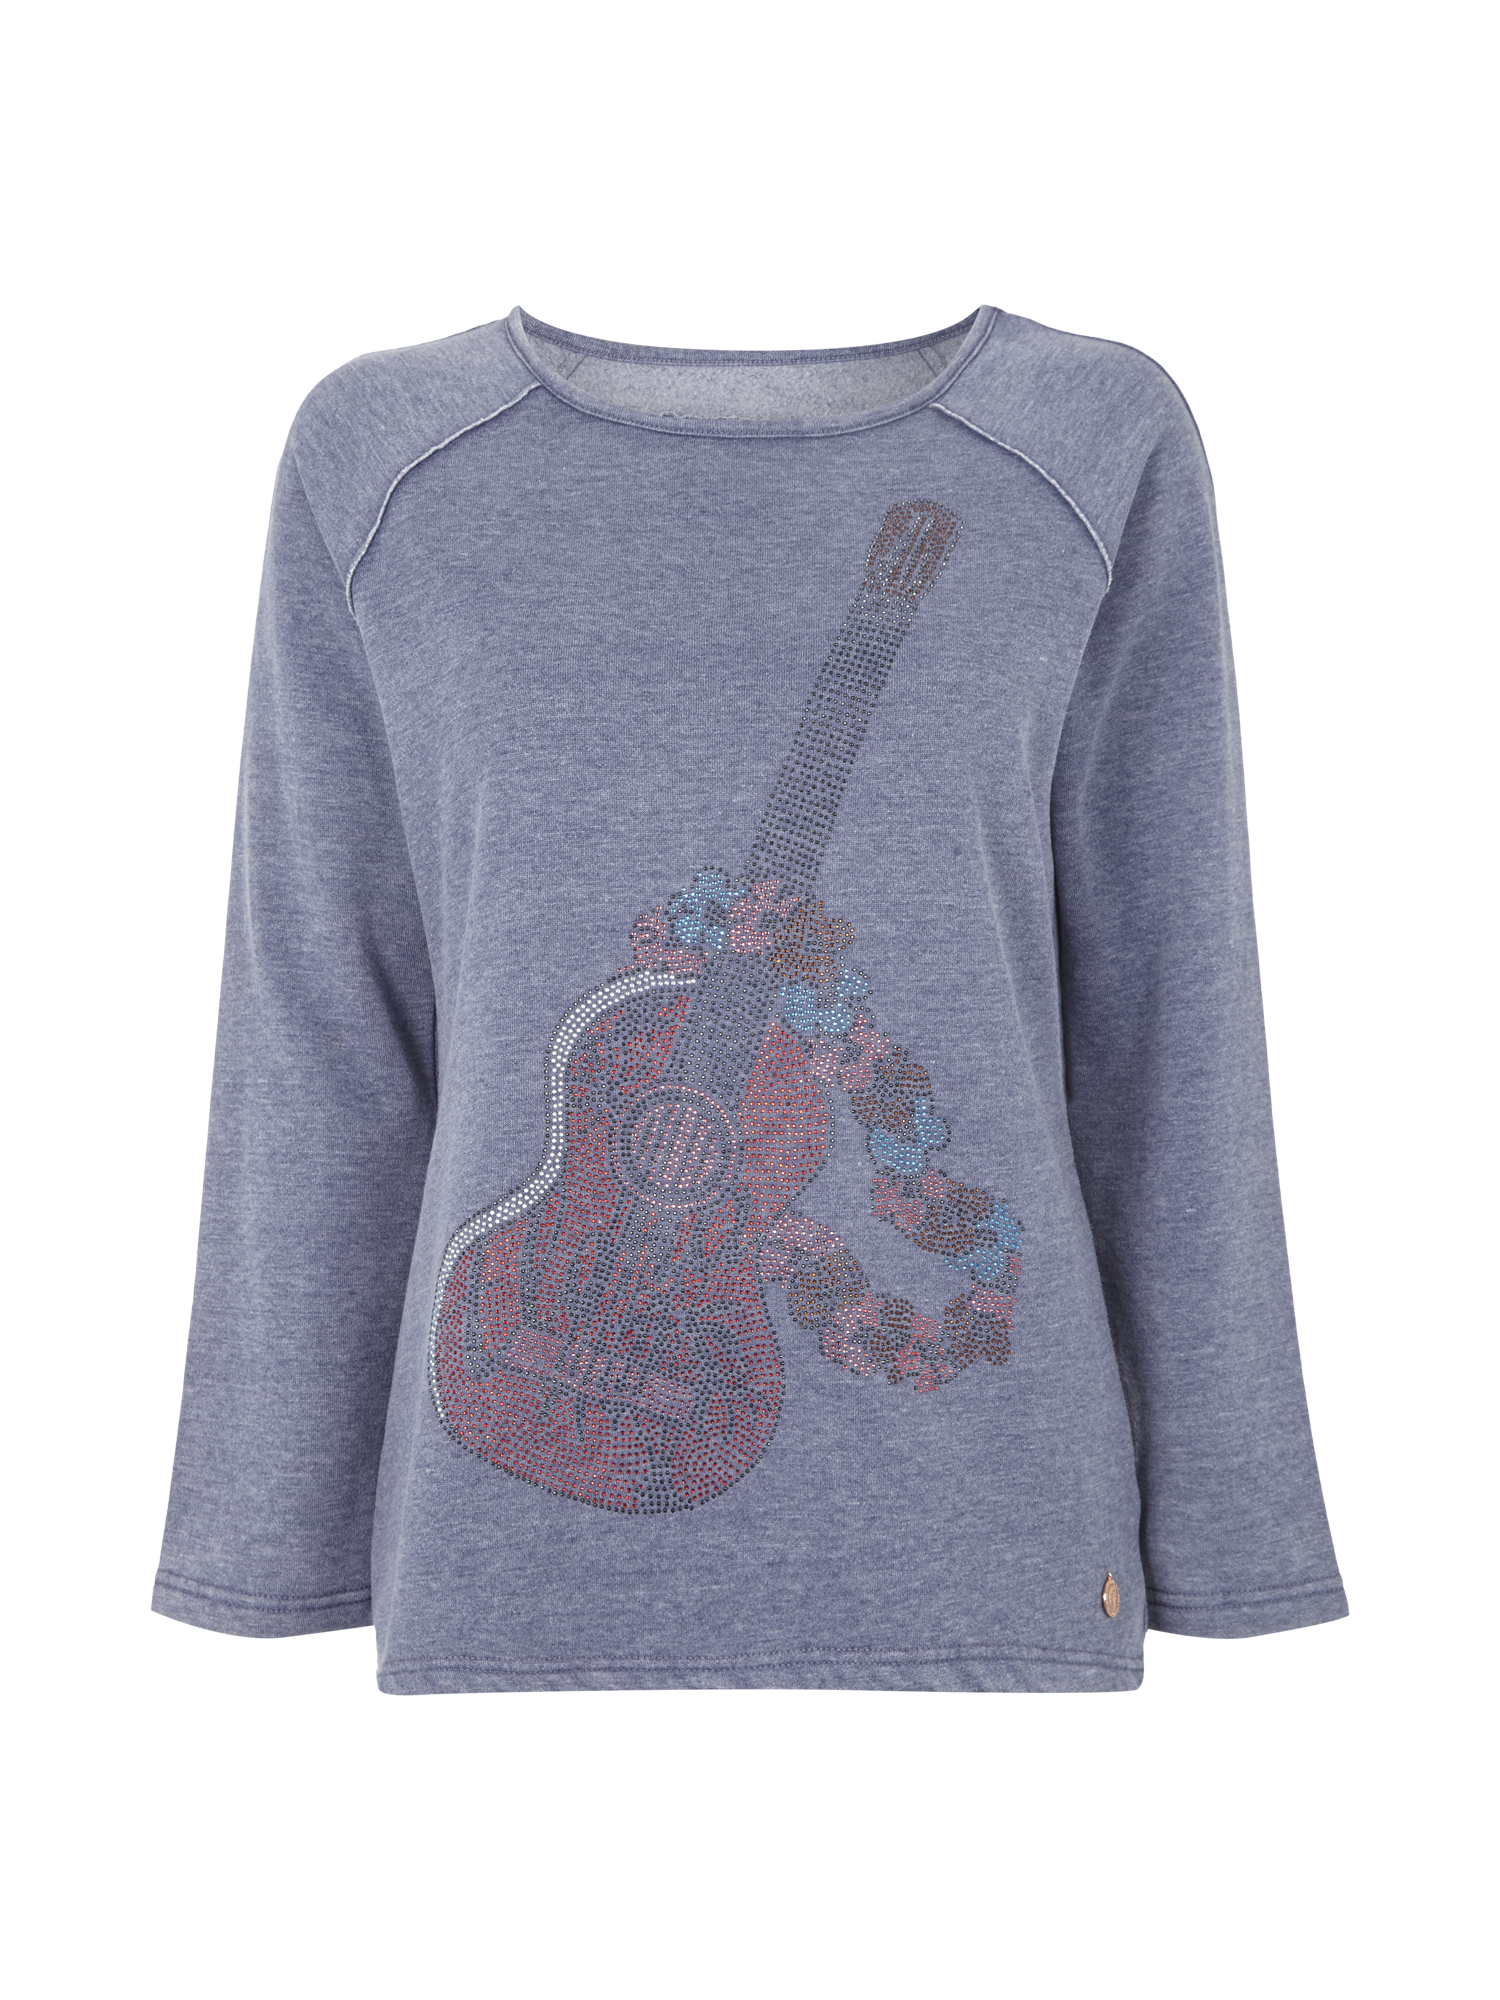 LIEBLINGSSTUECK Sweatshirt mit Zierstein-Besatz in Blau   Türkis online  kaufen (9207031) ▷ P C Online Shop 0389d05bb9